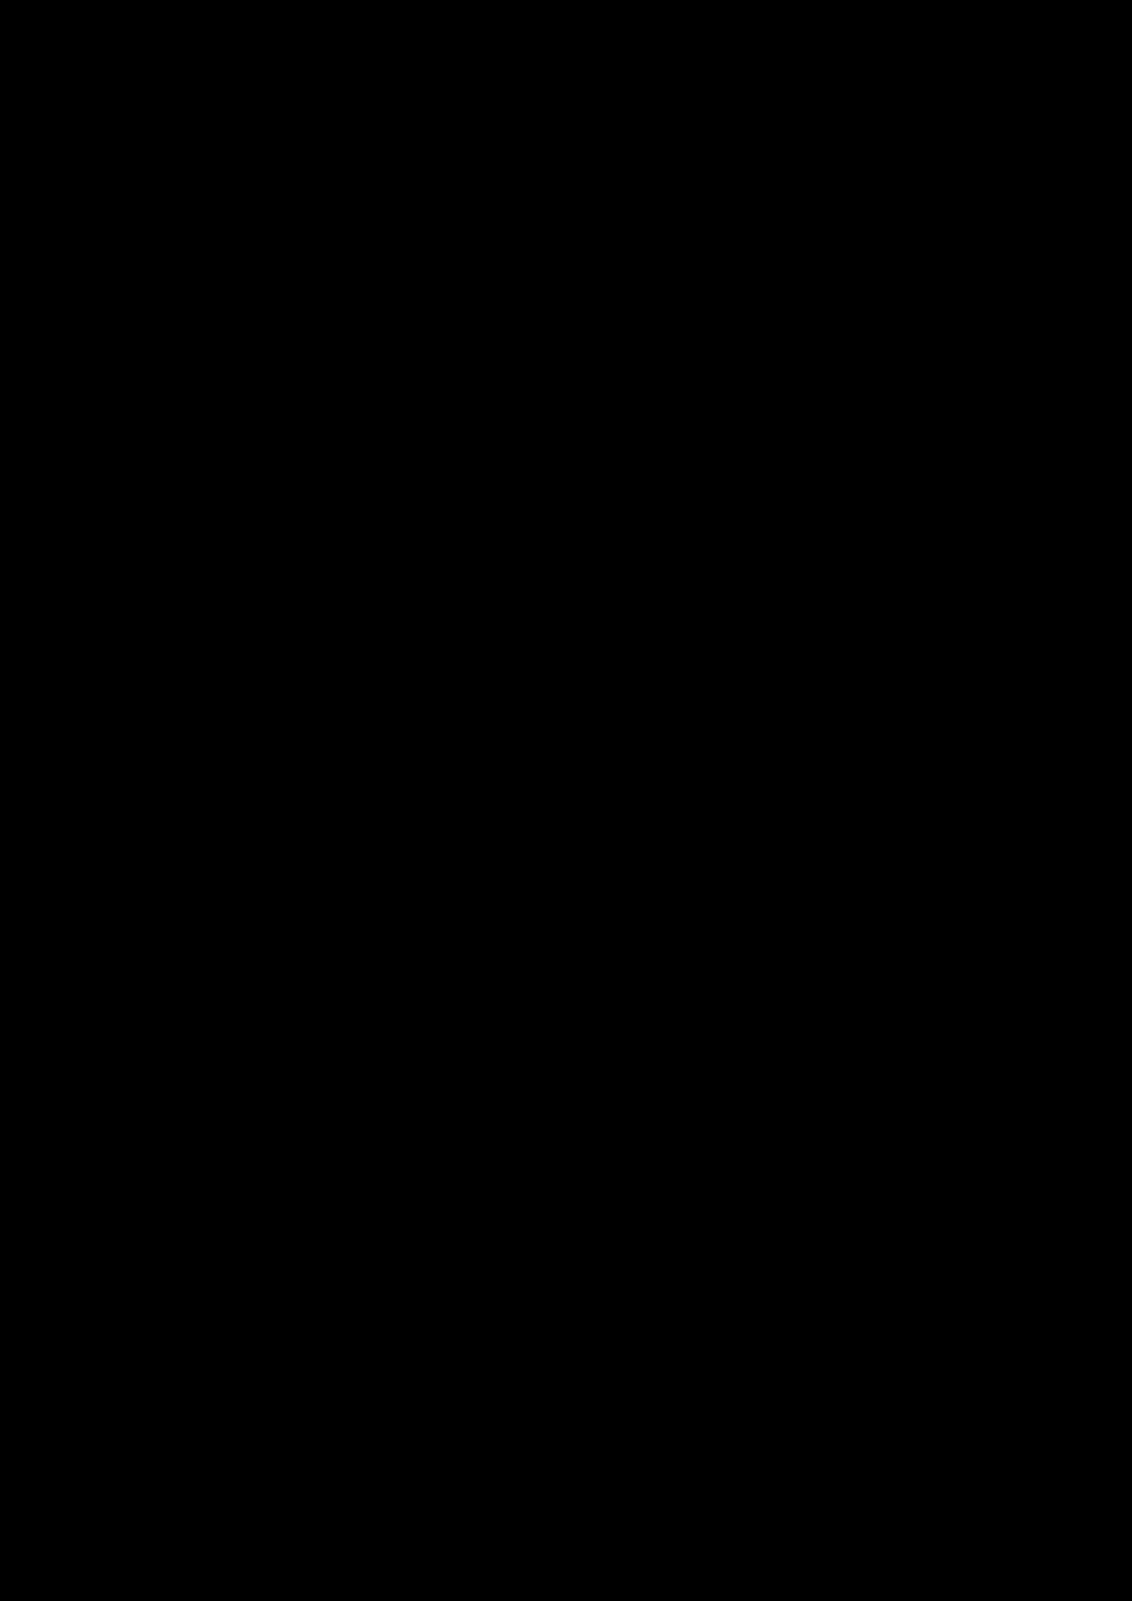 Serdtse slide, Image 17